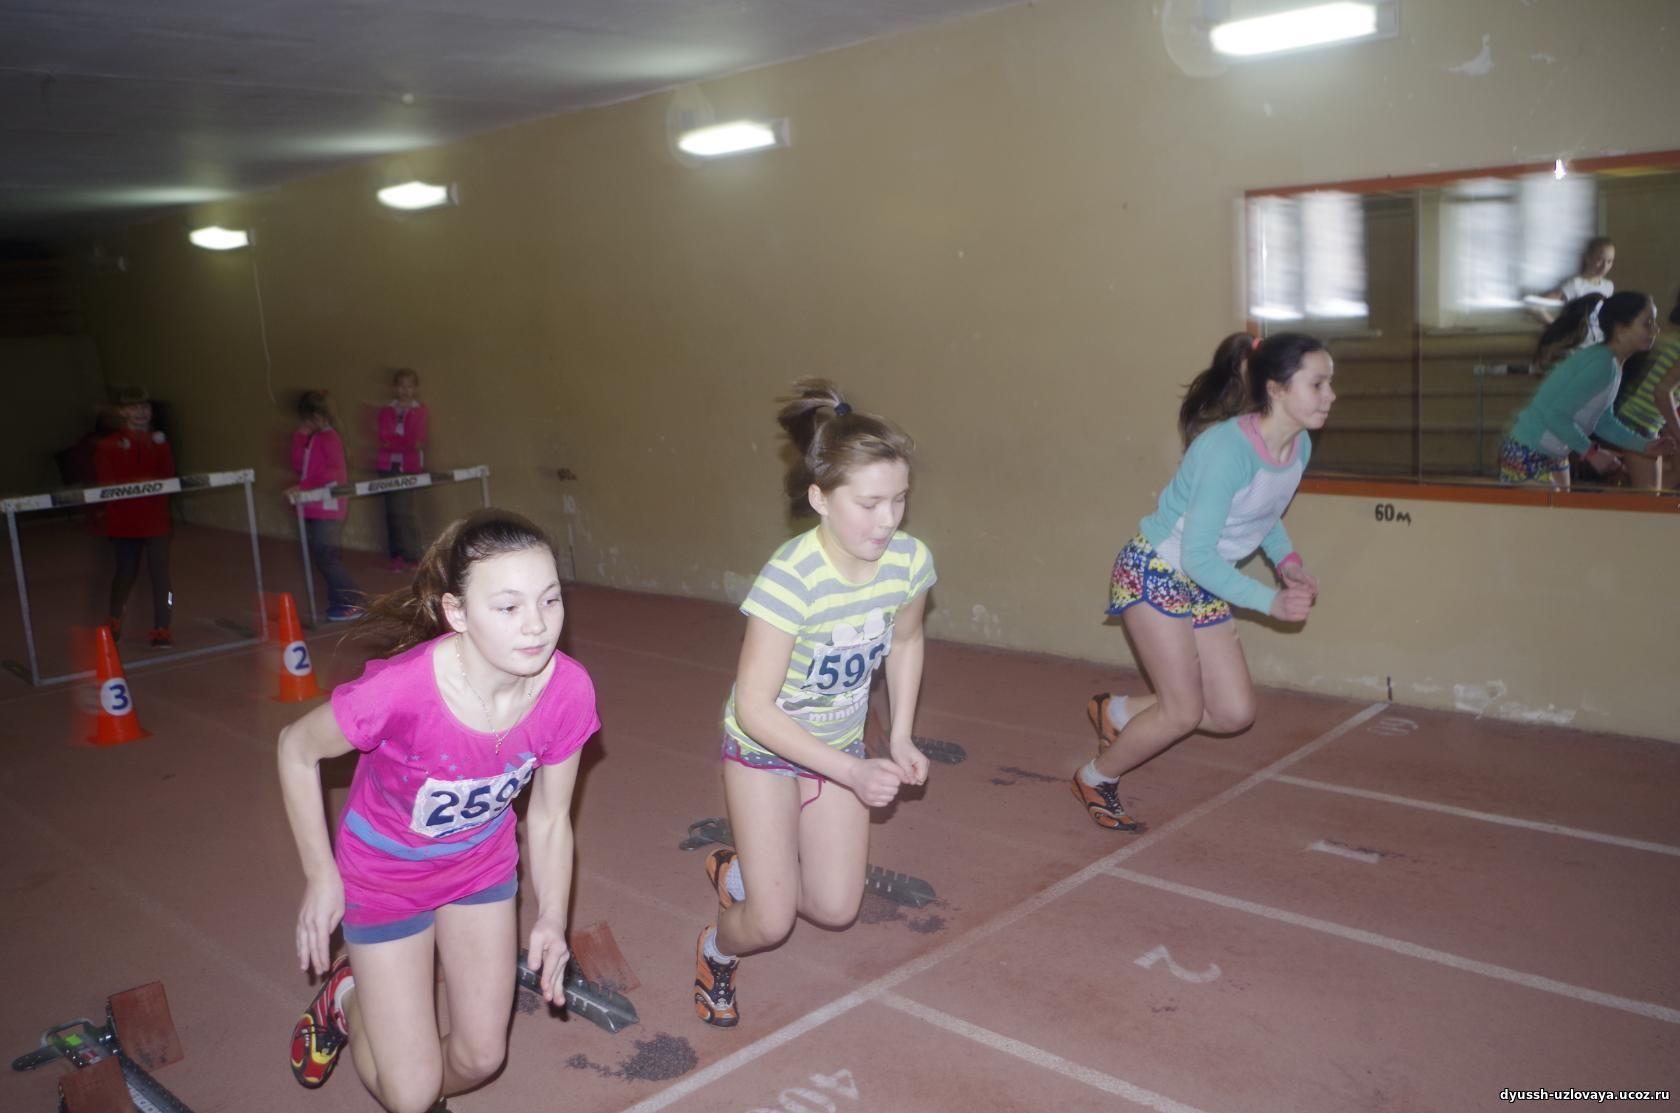 На соревнования приехали лучшие юные легкоатлеты нашей области